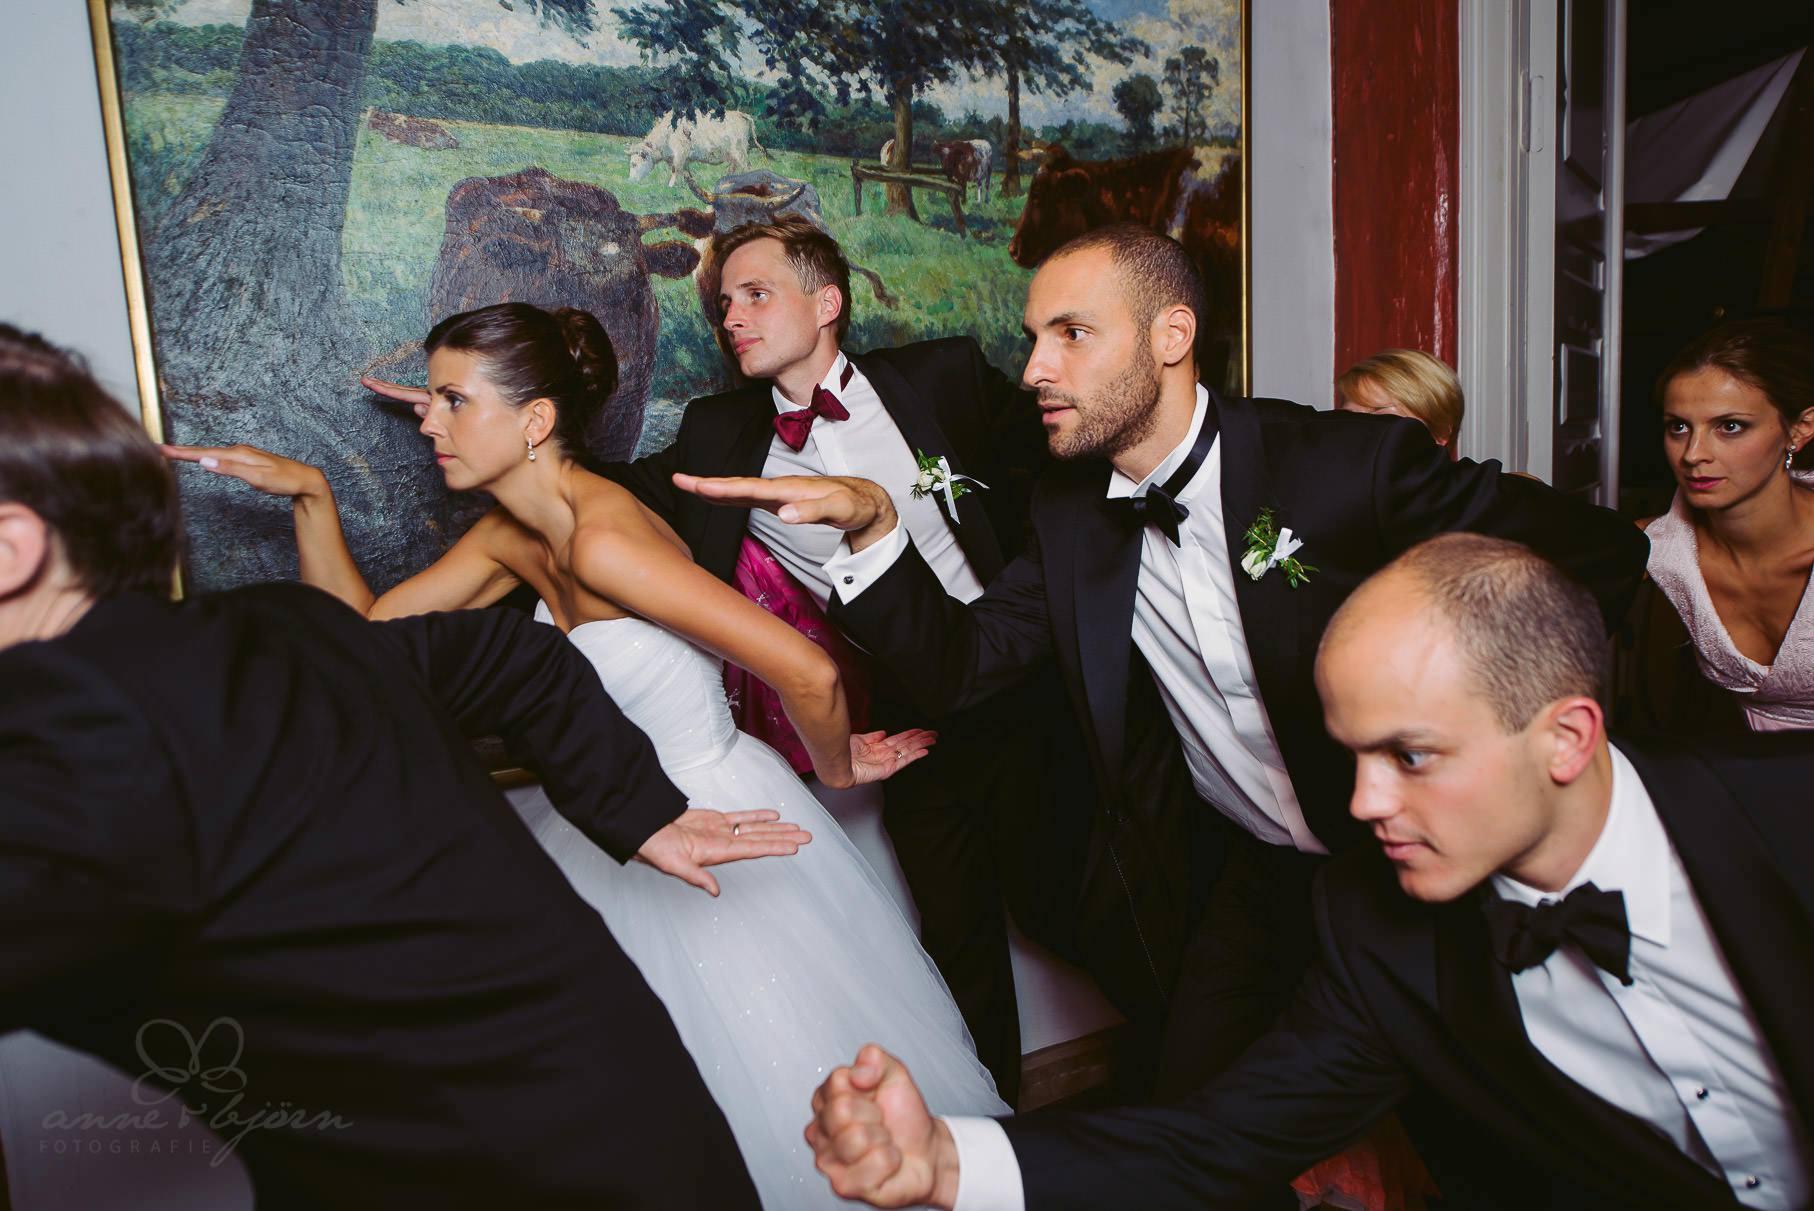 0070 hochzeit zollenspieker faehrhaus 812 0275 - Hochzeit im Zollenspieker Fährhaus - Magda-Lena & Thies